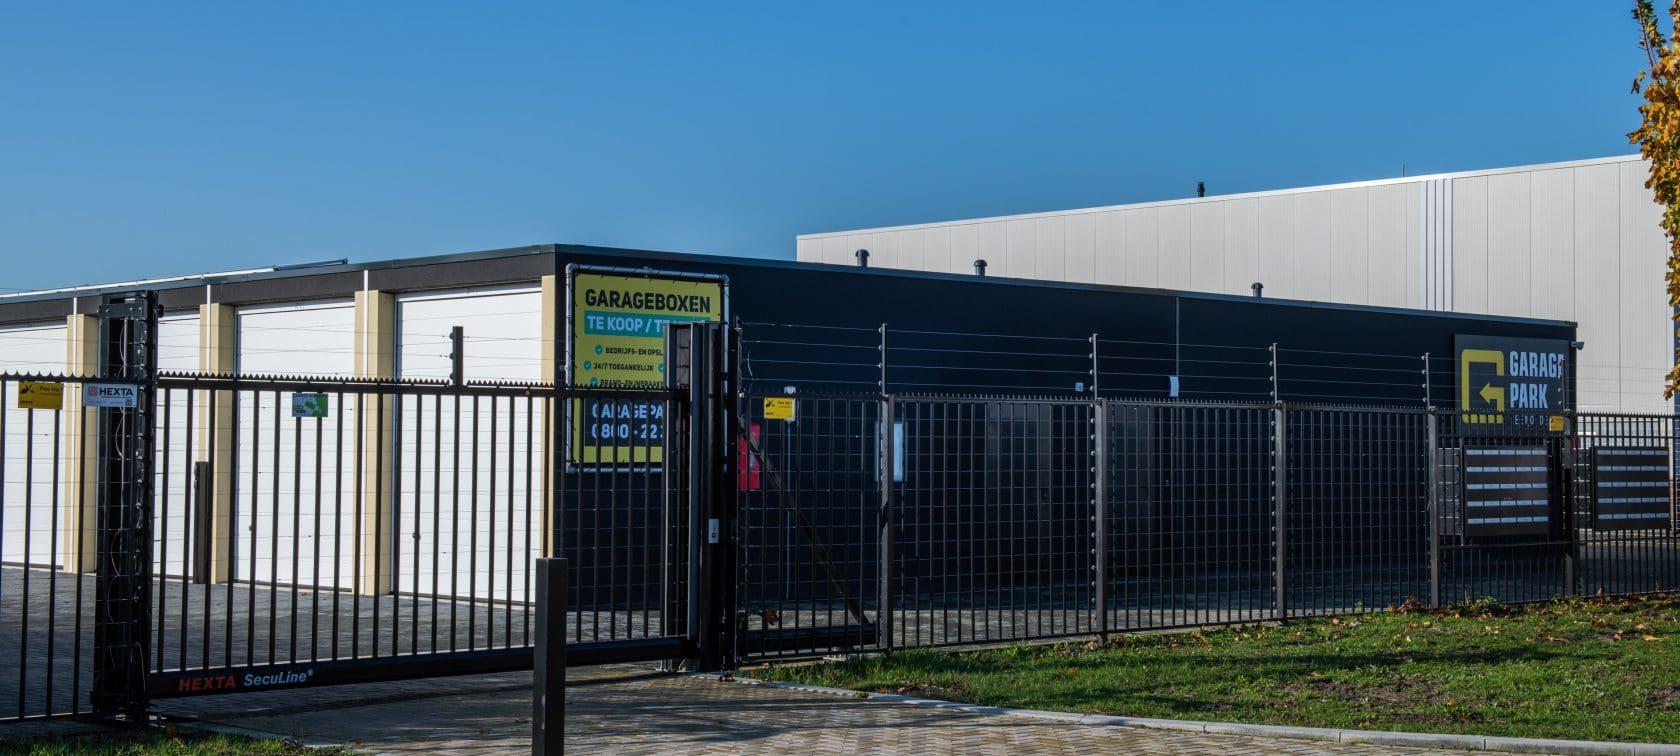 GaragePark Zeewolde XXL - Garageboxen Zeewolde XXL